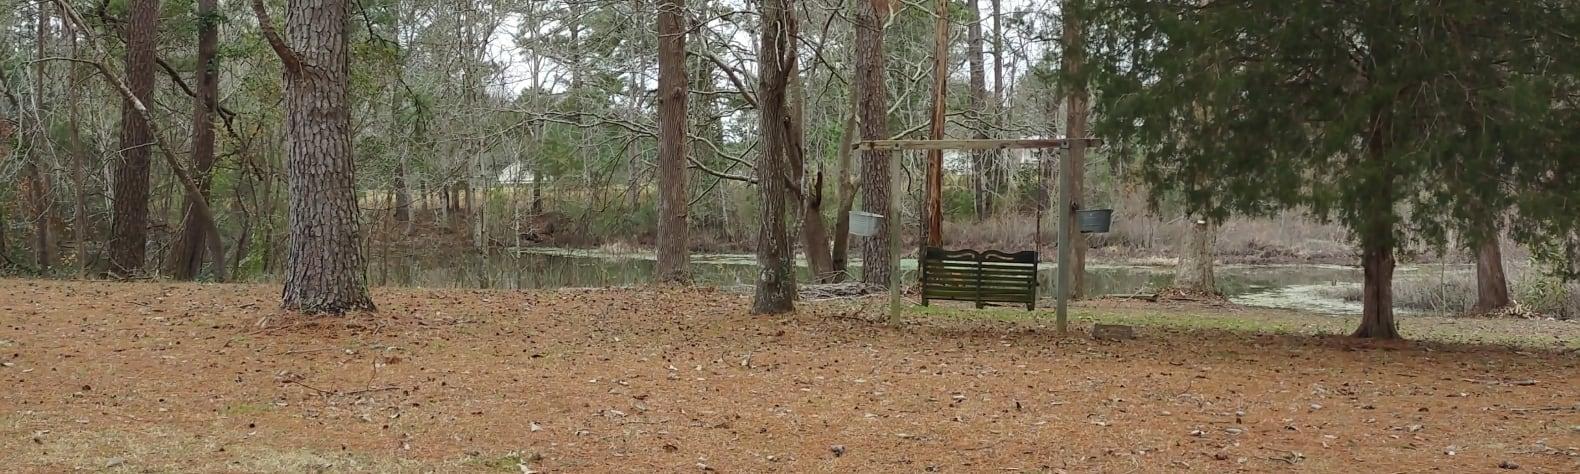 Walden's Pond